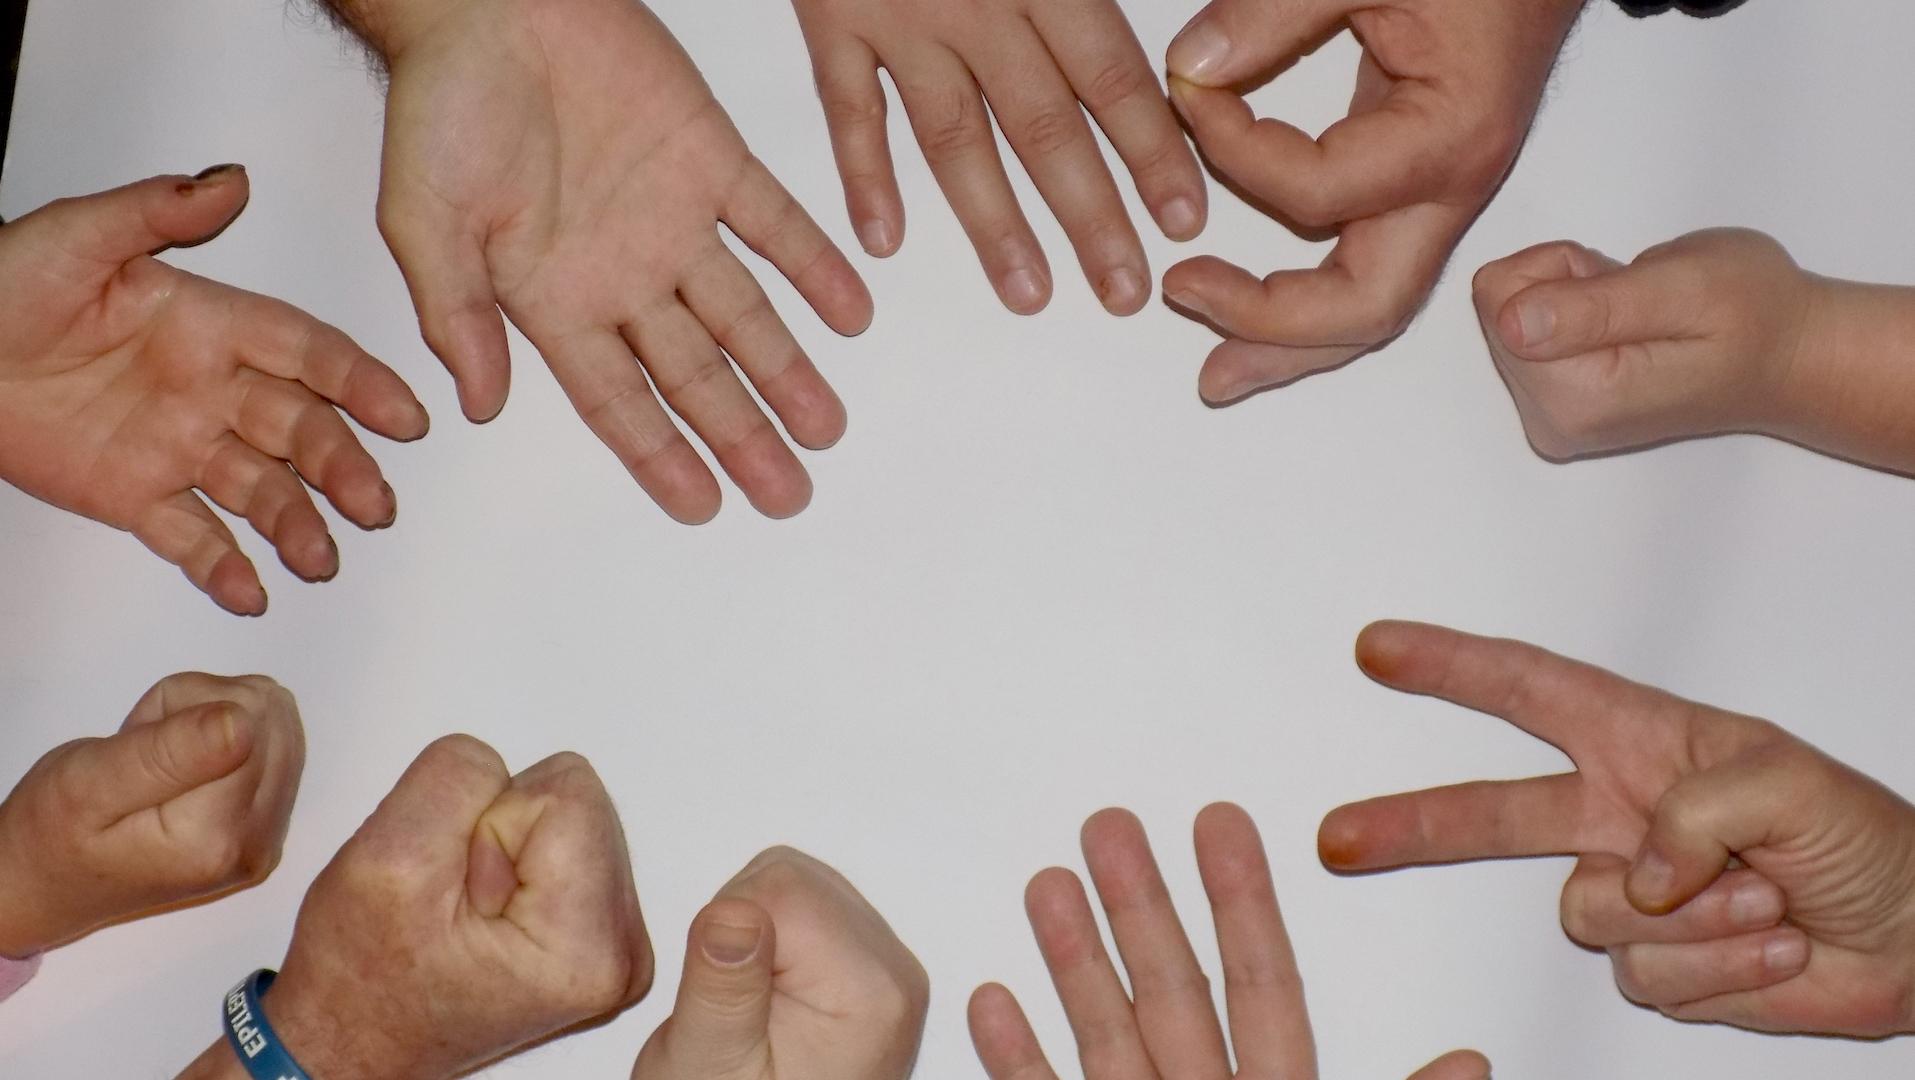 Klub Samopomocy dla osób z zaburzeniami psychicznymi